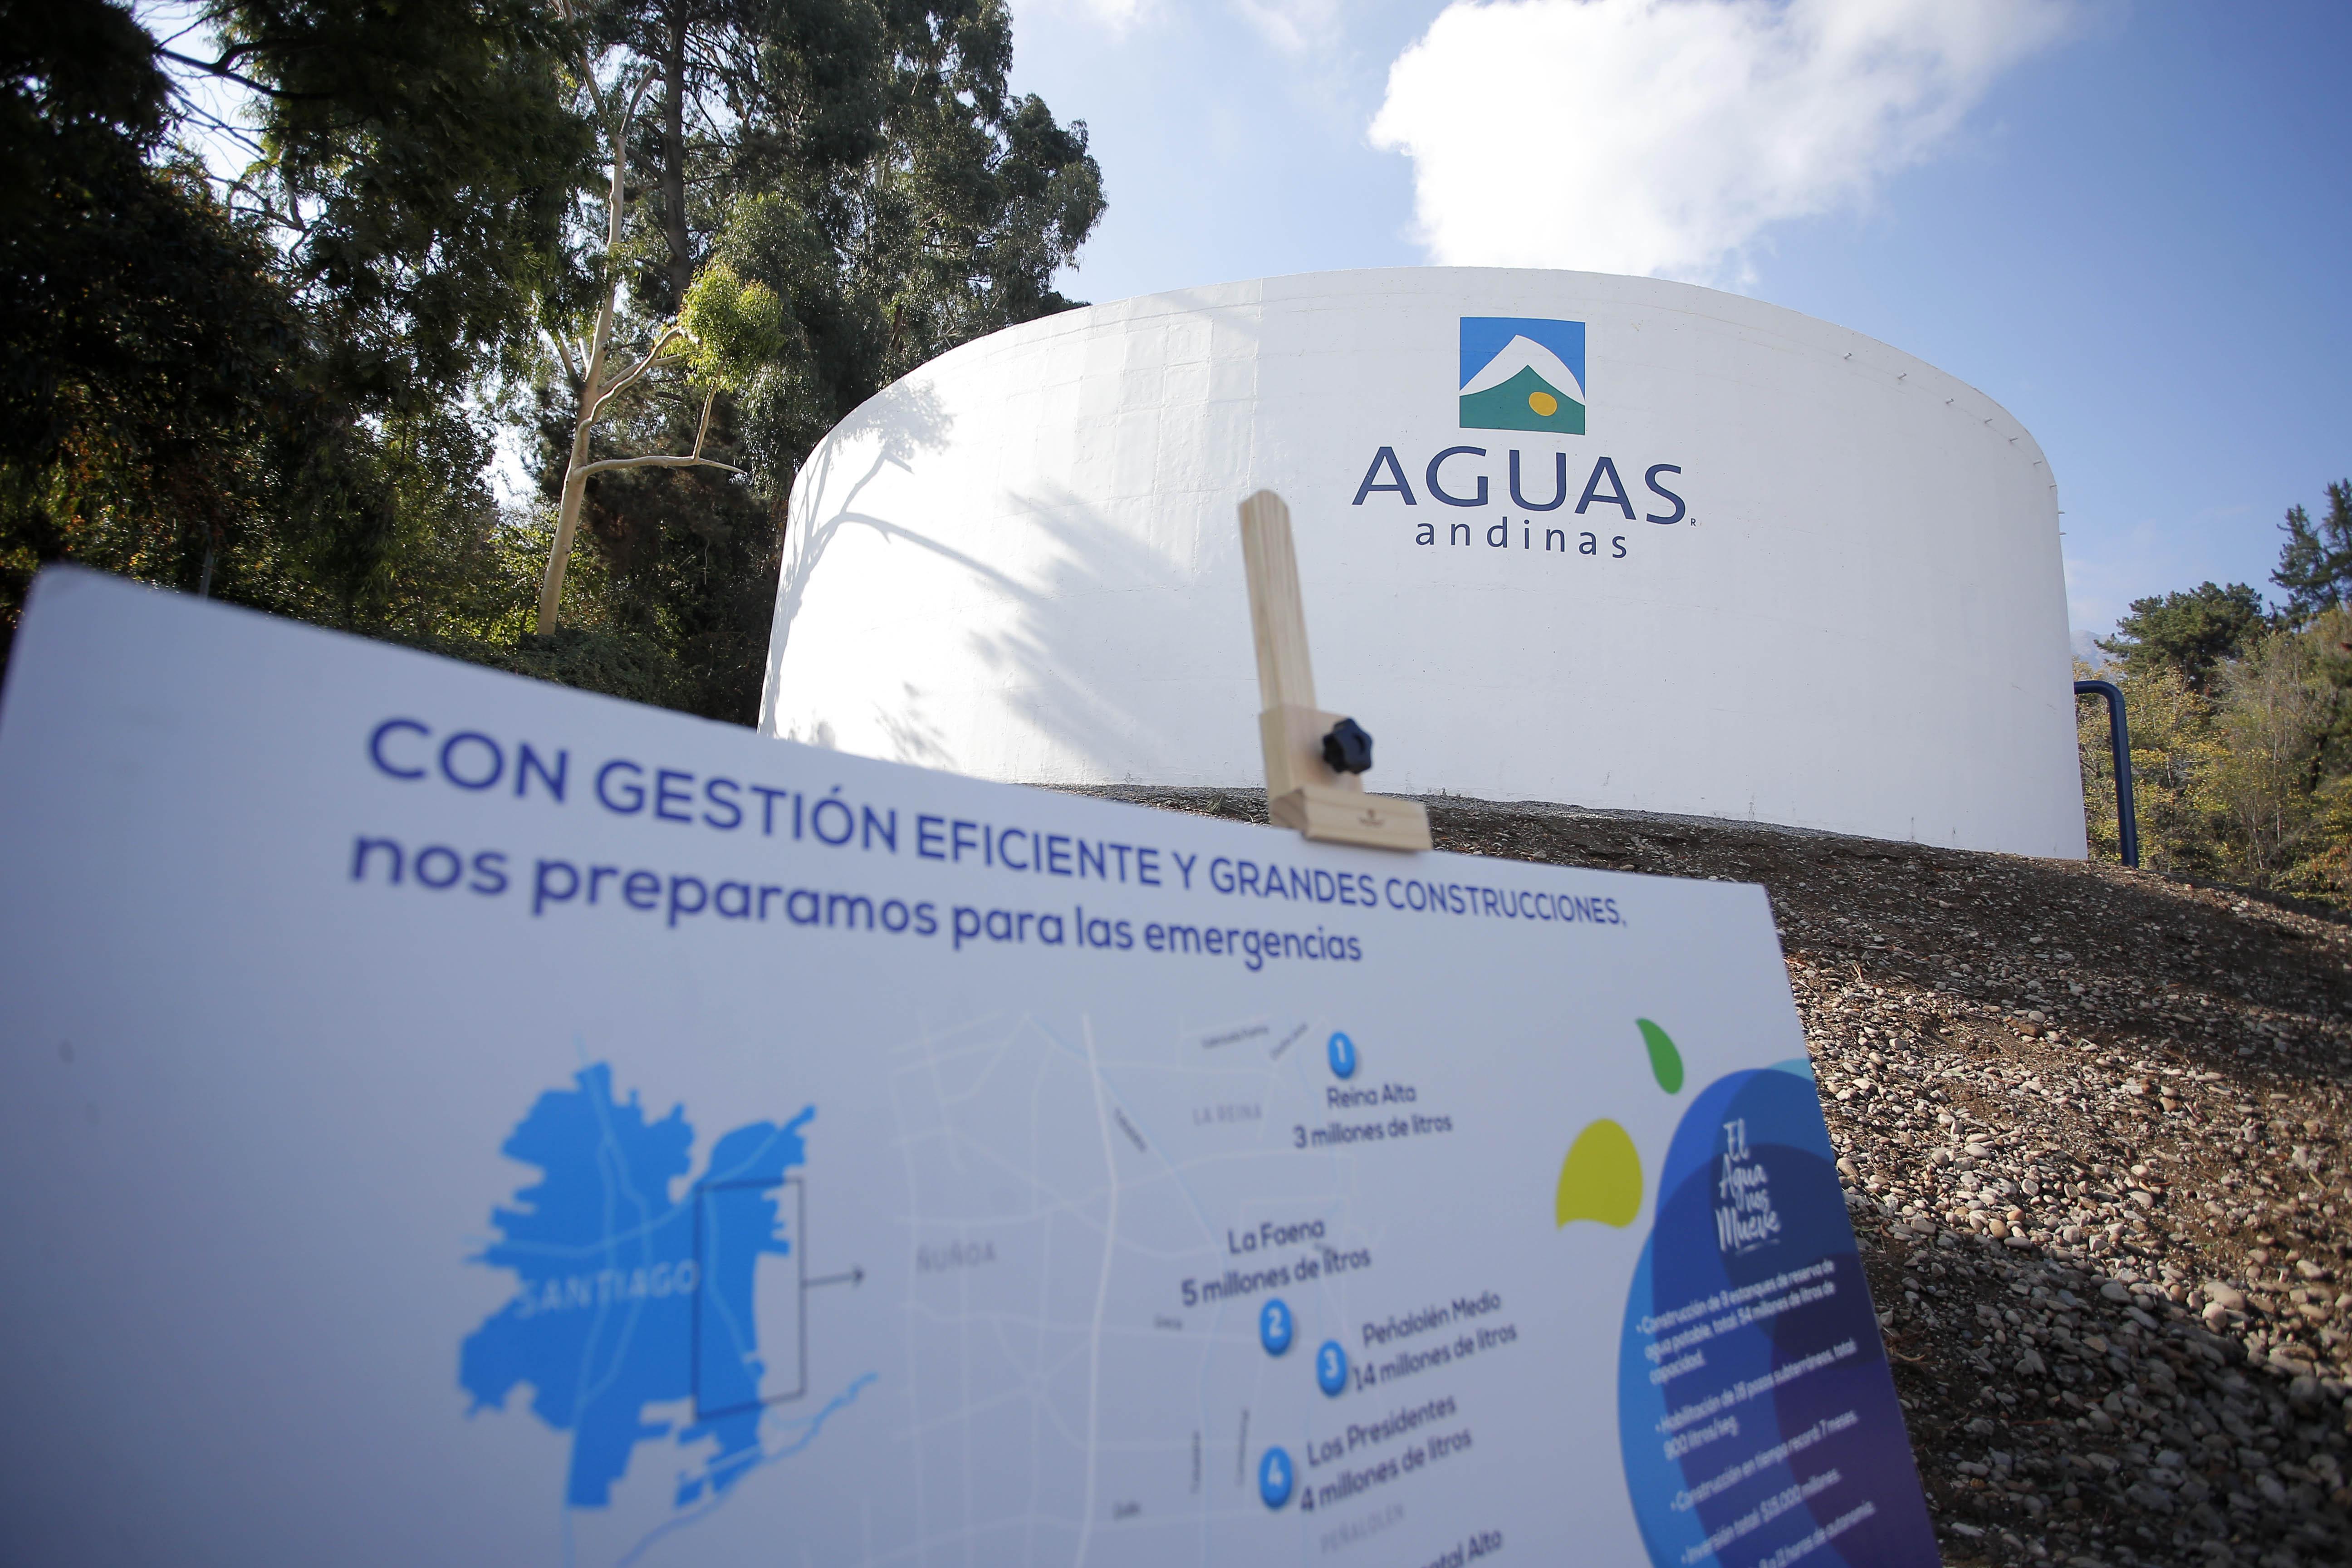 """""""Aguas Cordillera repondrá servicio en horas de la tarde: aún se ignora contaminante"""""""